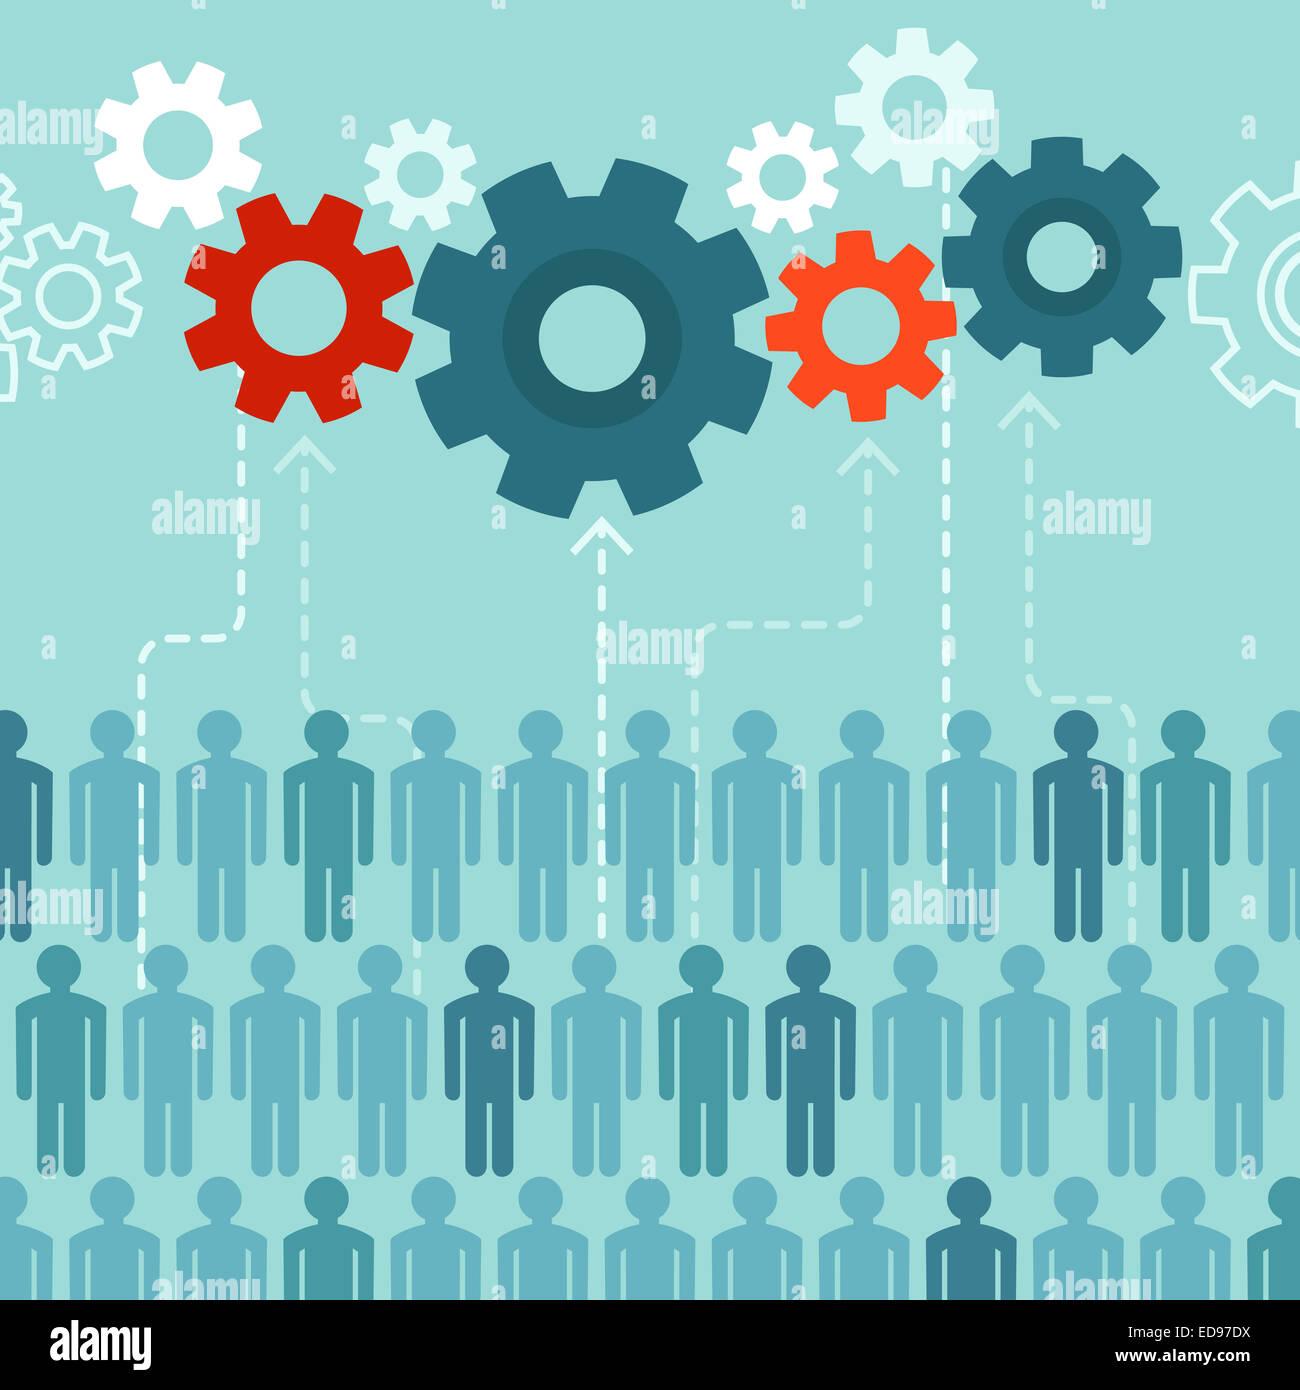 Crowdsourcing concepto en estilo plano abstracto - grupo de personas que participan en la generación de contenido Imagen De Stock